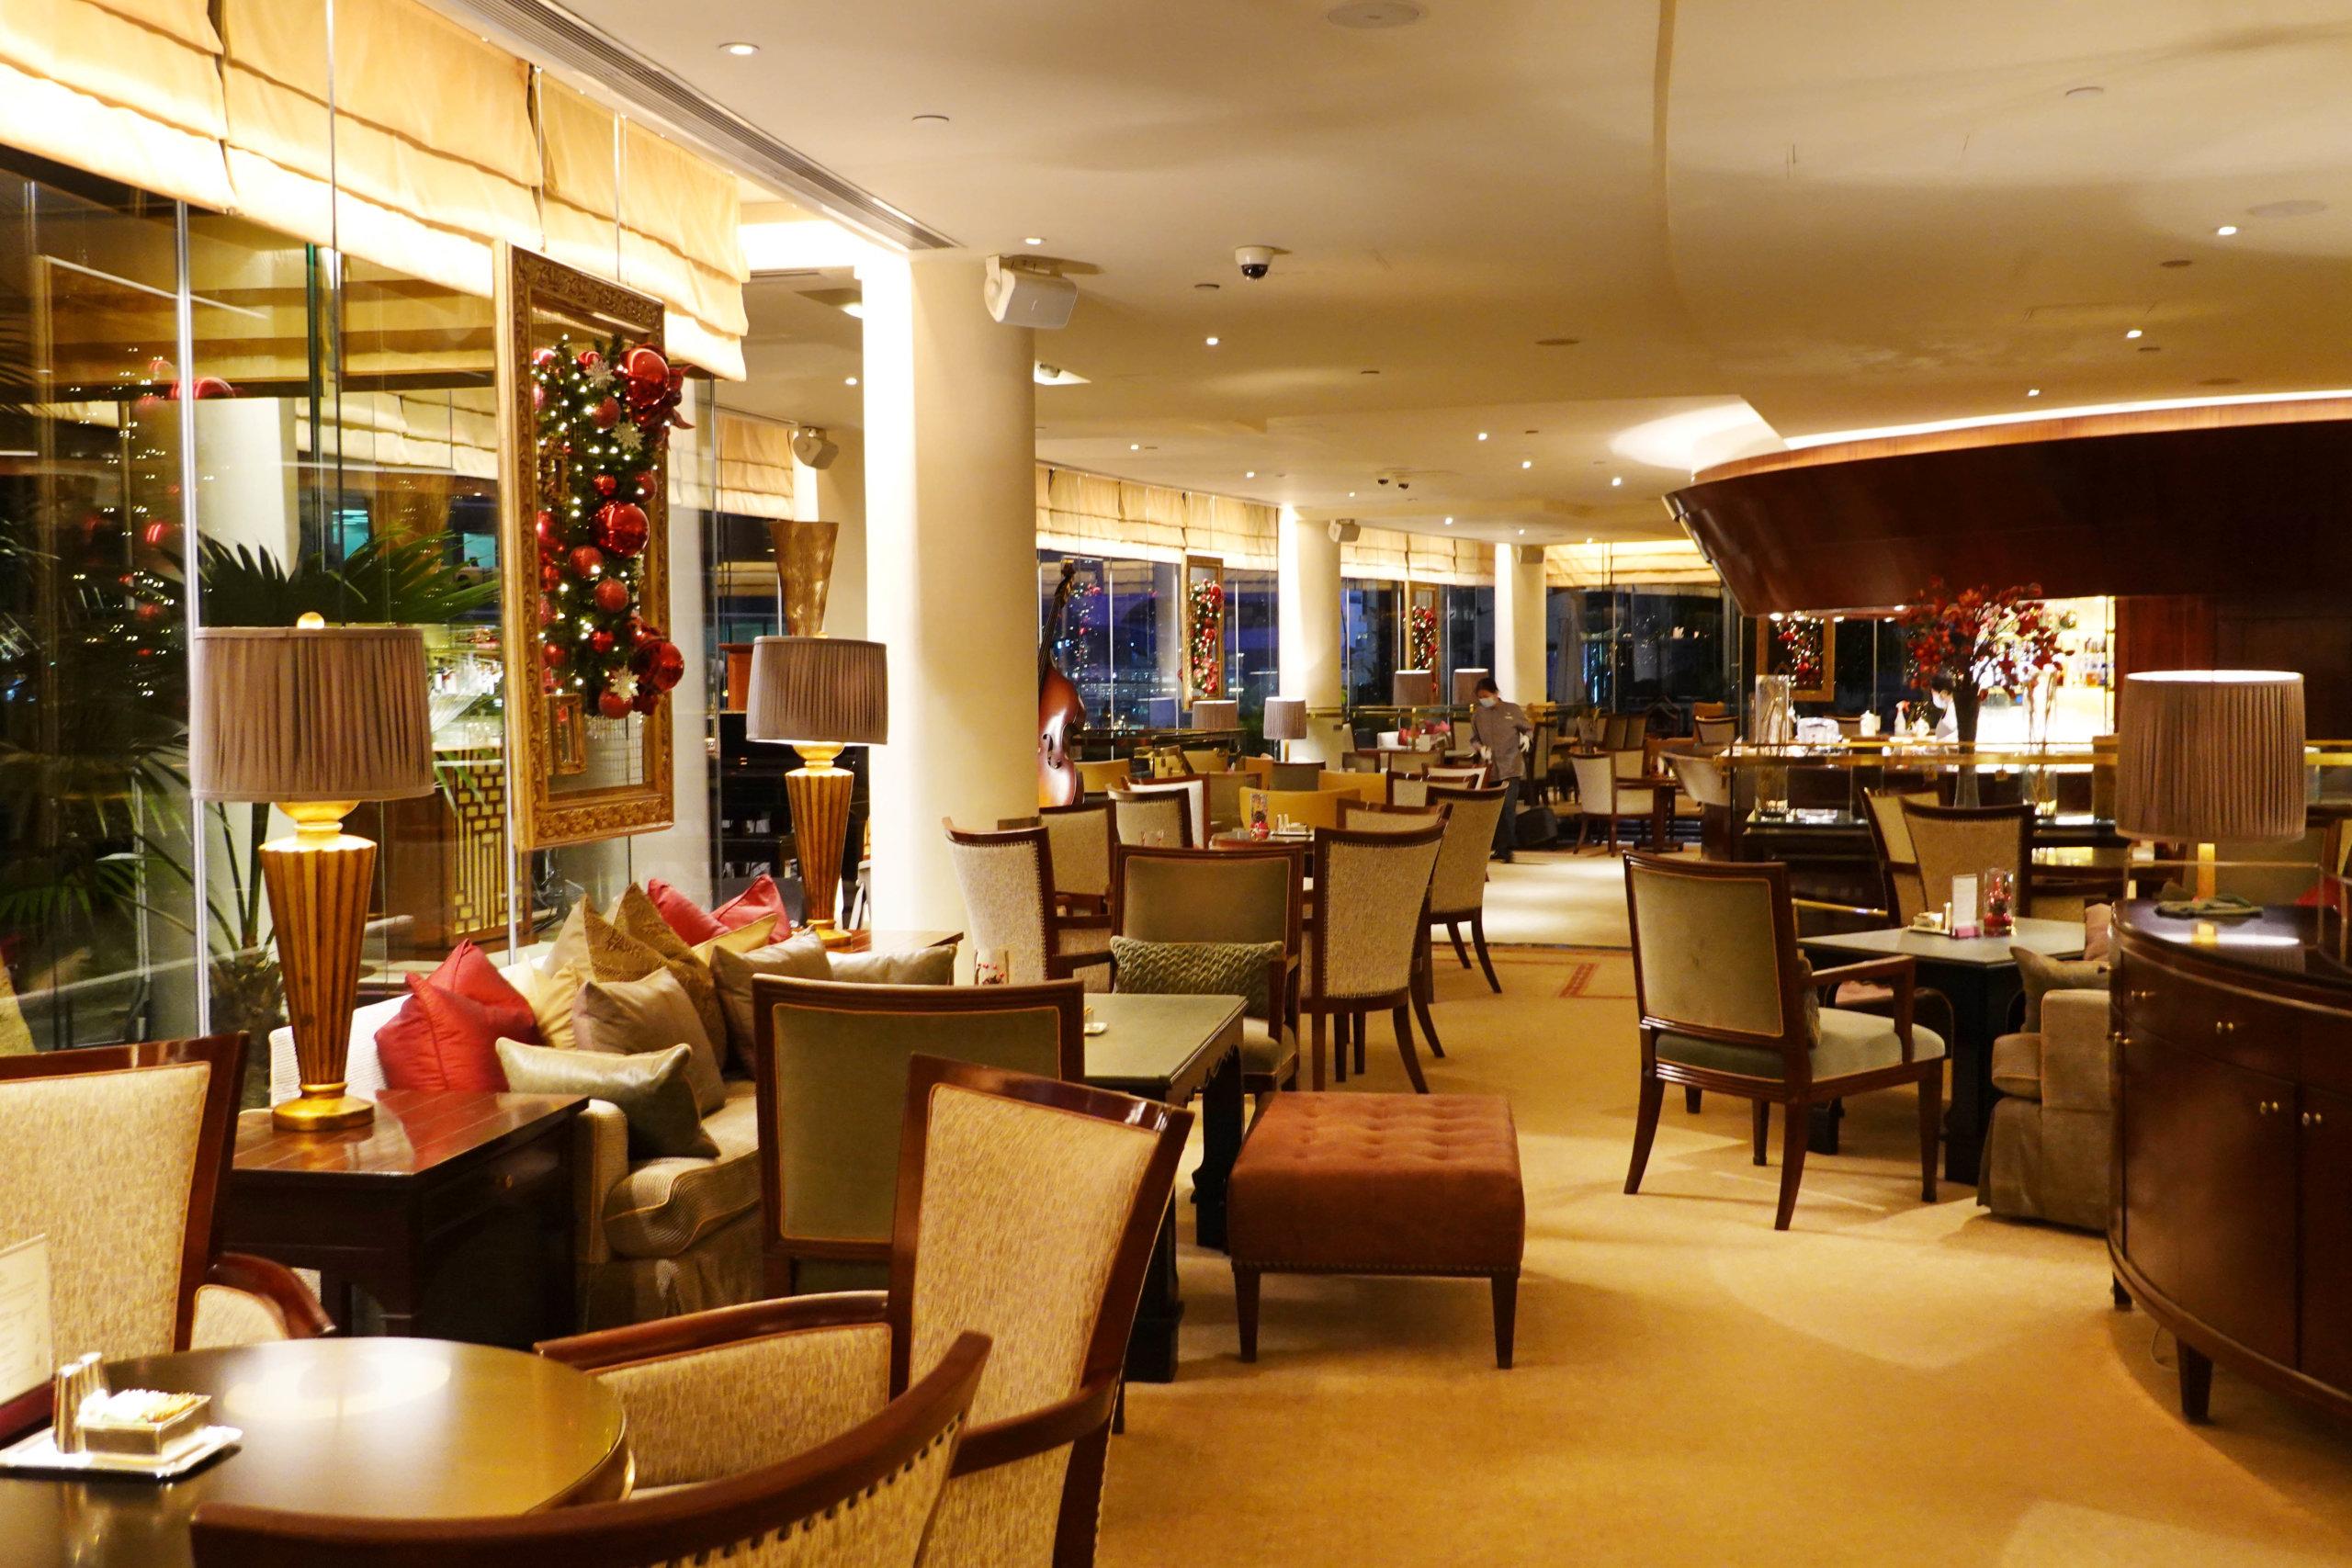 酒店位於金鐘,用餐環境舒適。